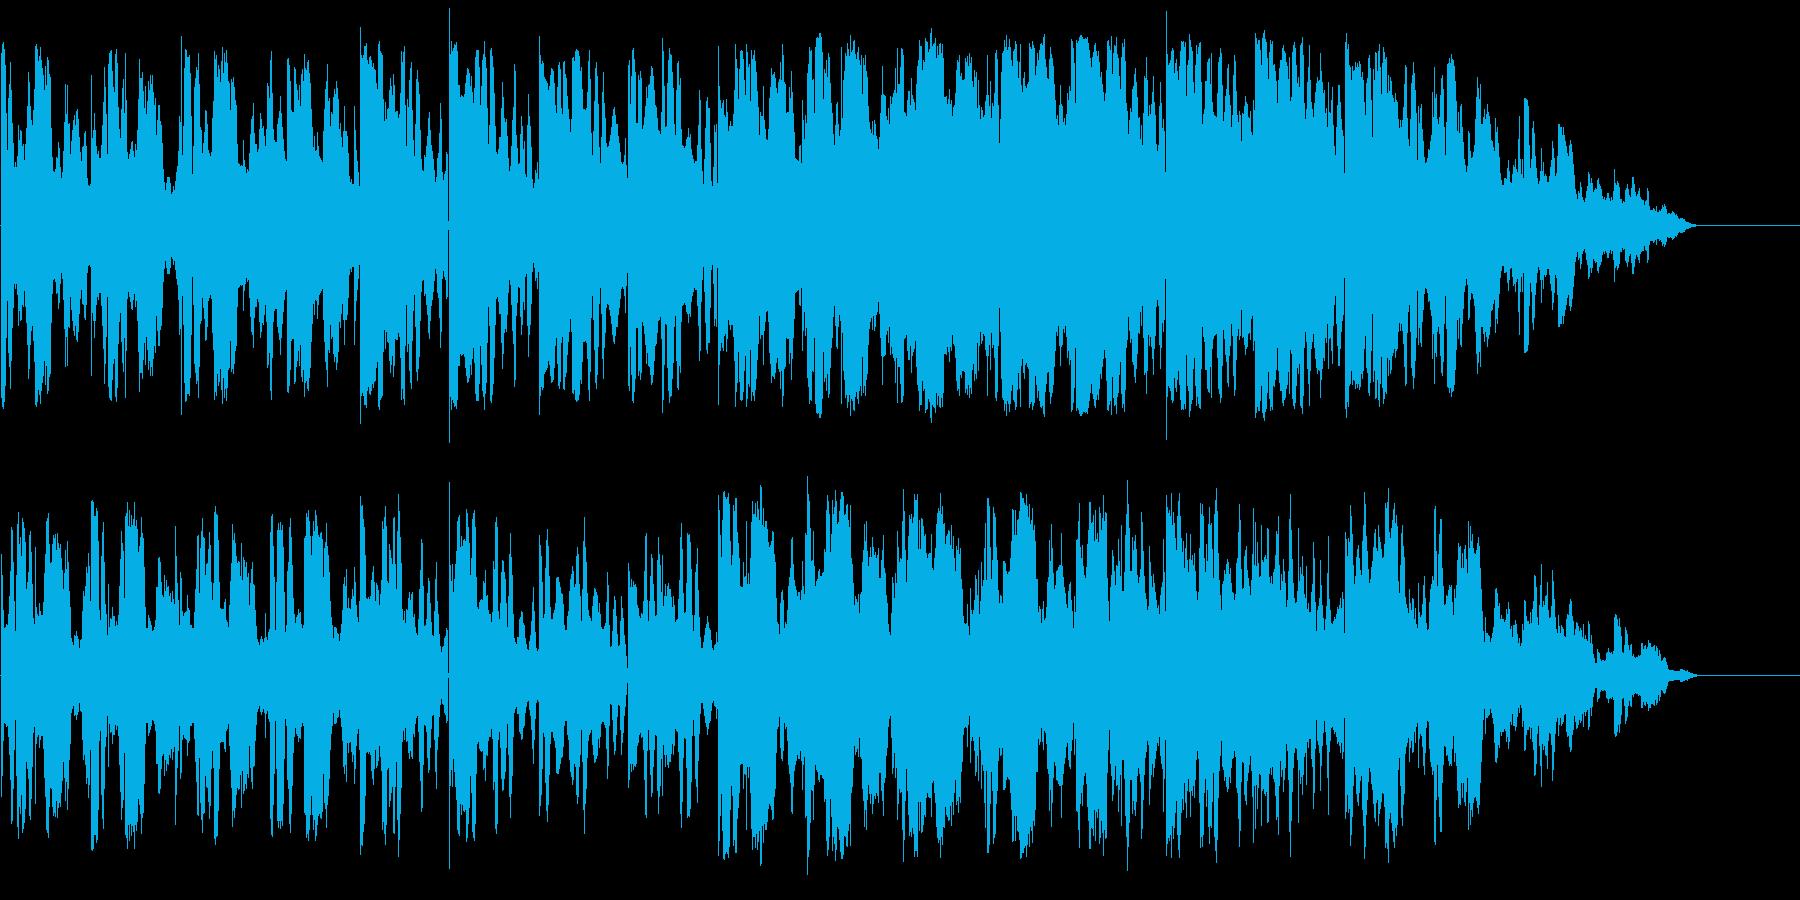 しっとりとして浮遊感のあるアンビエントの再生済みの波形